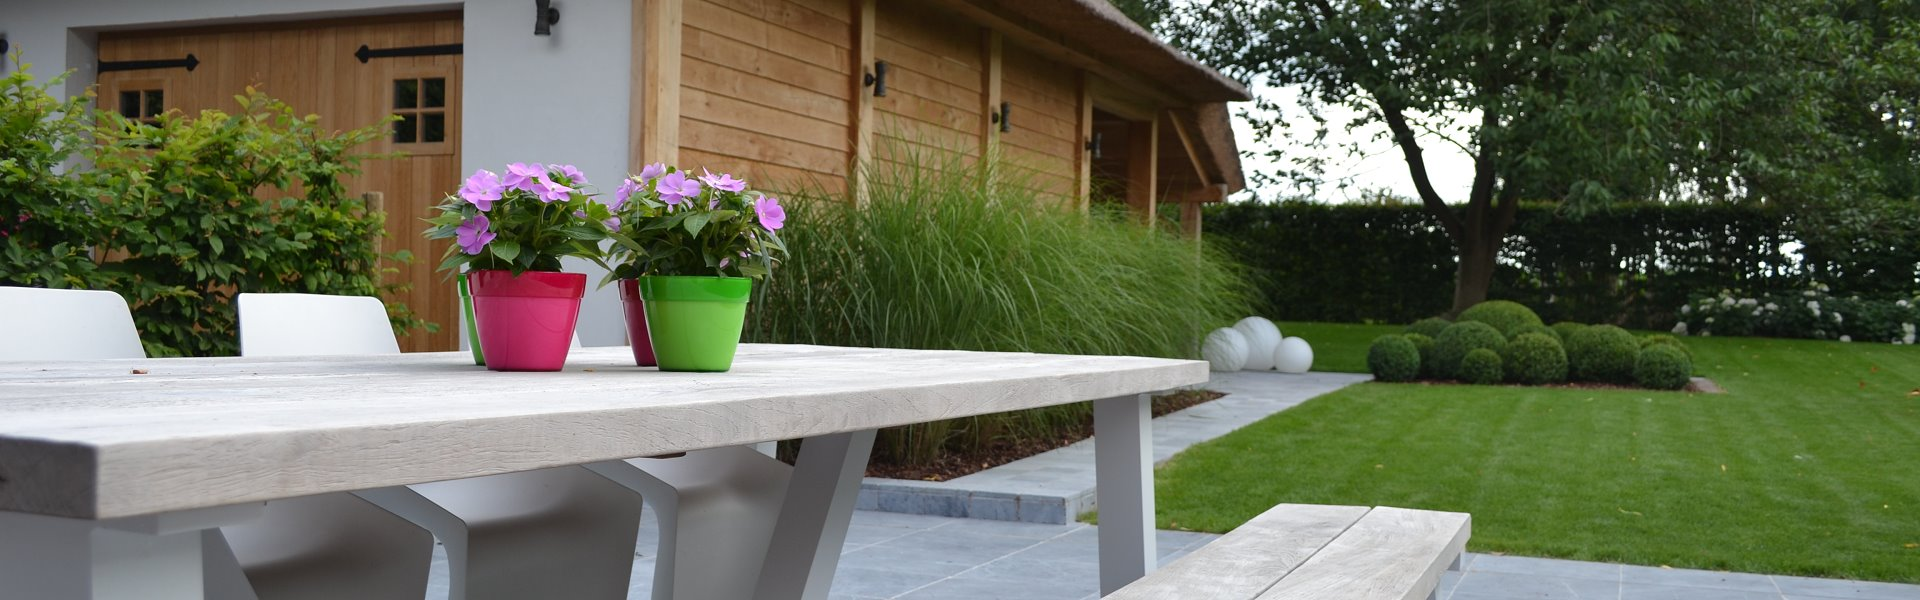 ontwerpfase tuin